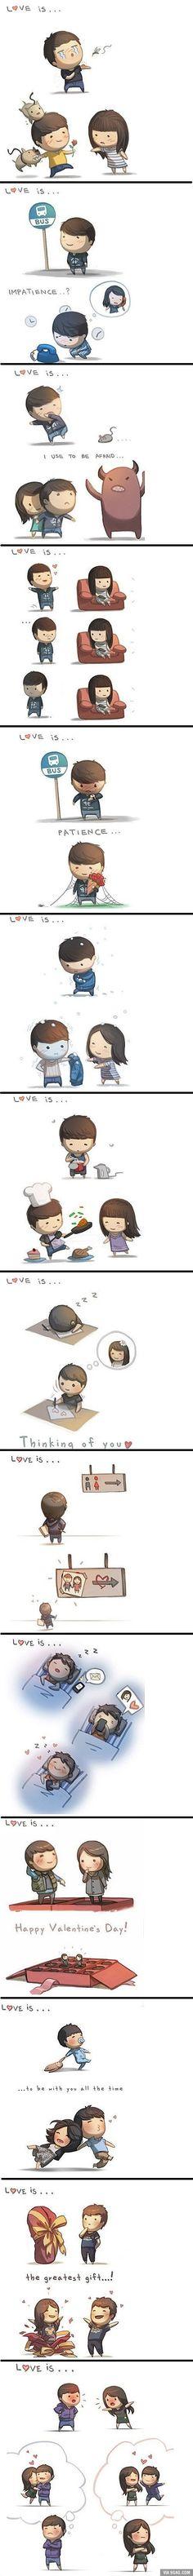 el amor es algo valioso que solo cuando lo perdemos aprendemos a valorarlo